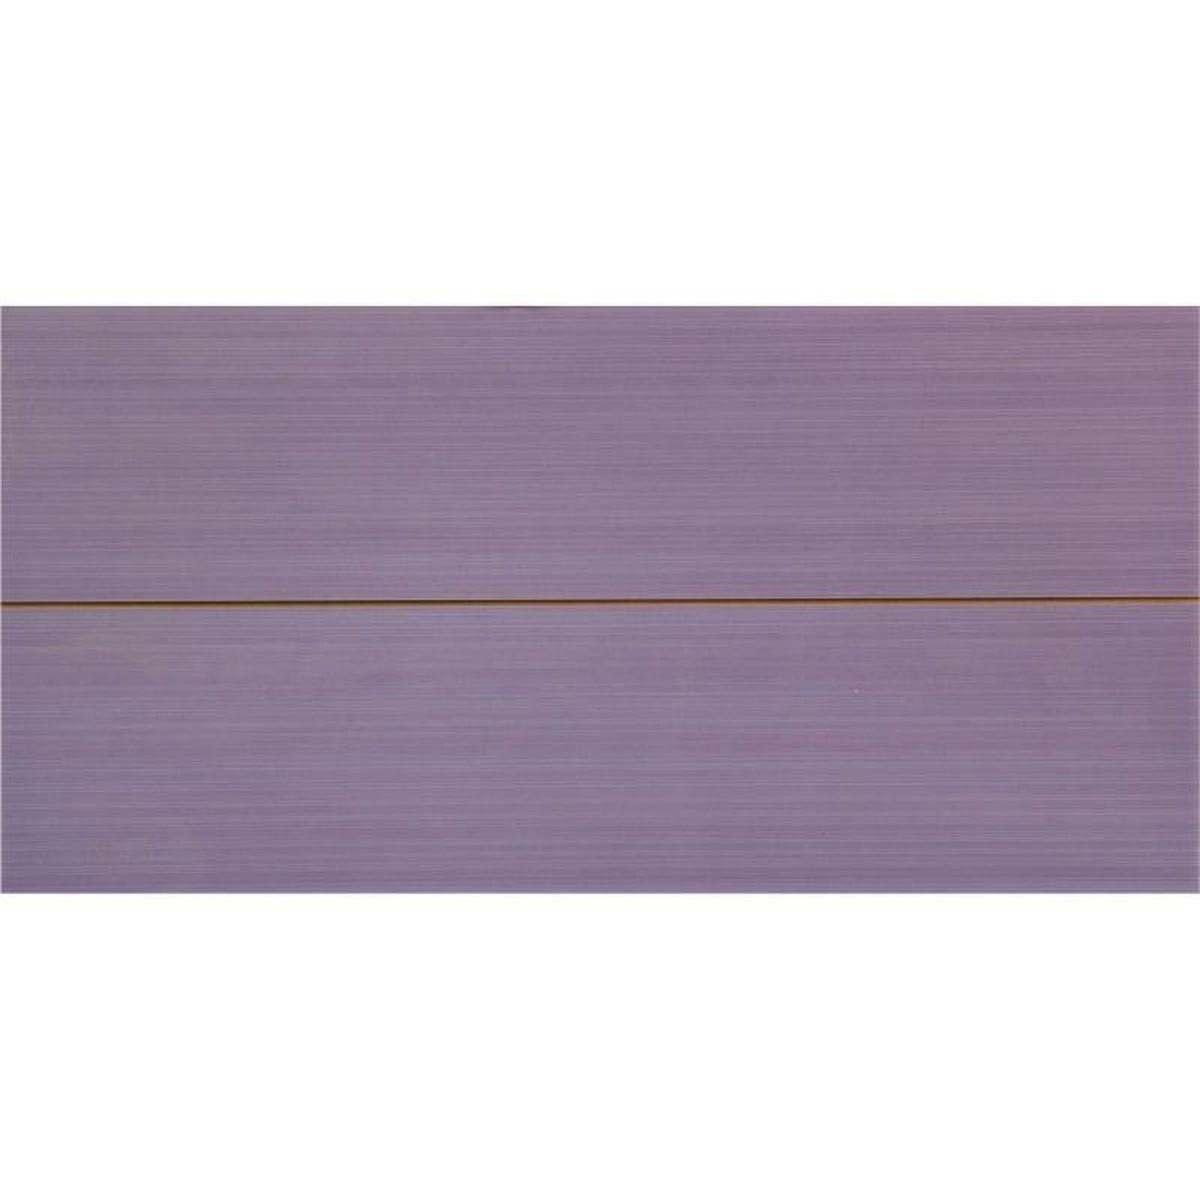 Вставка Фрэска 2 20х40 см цвет лиловый